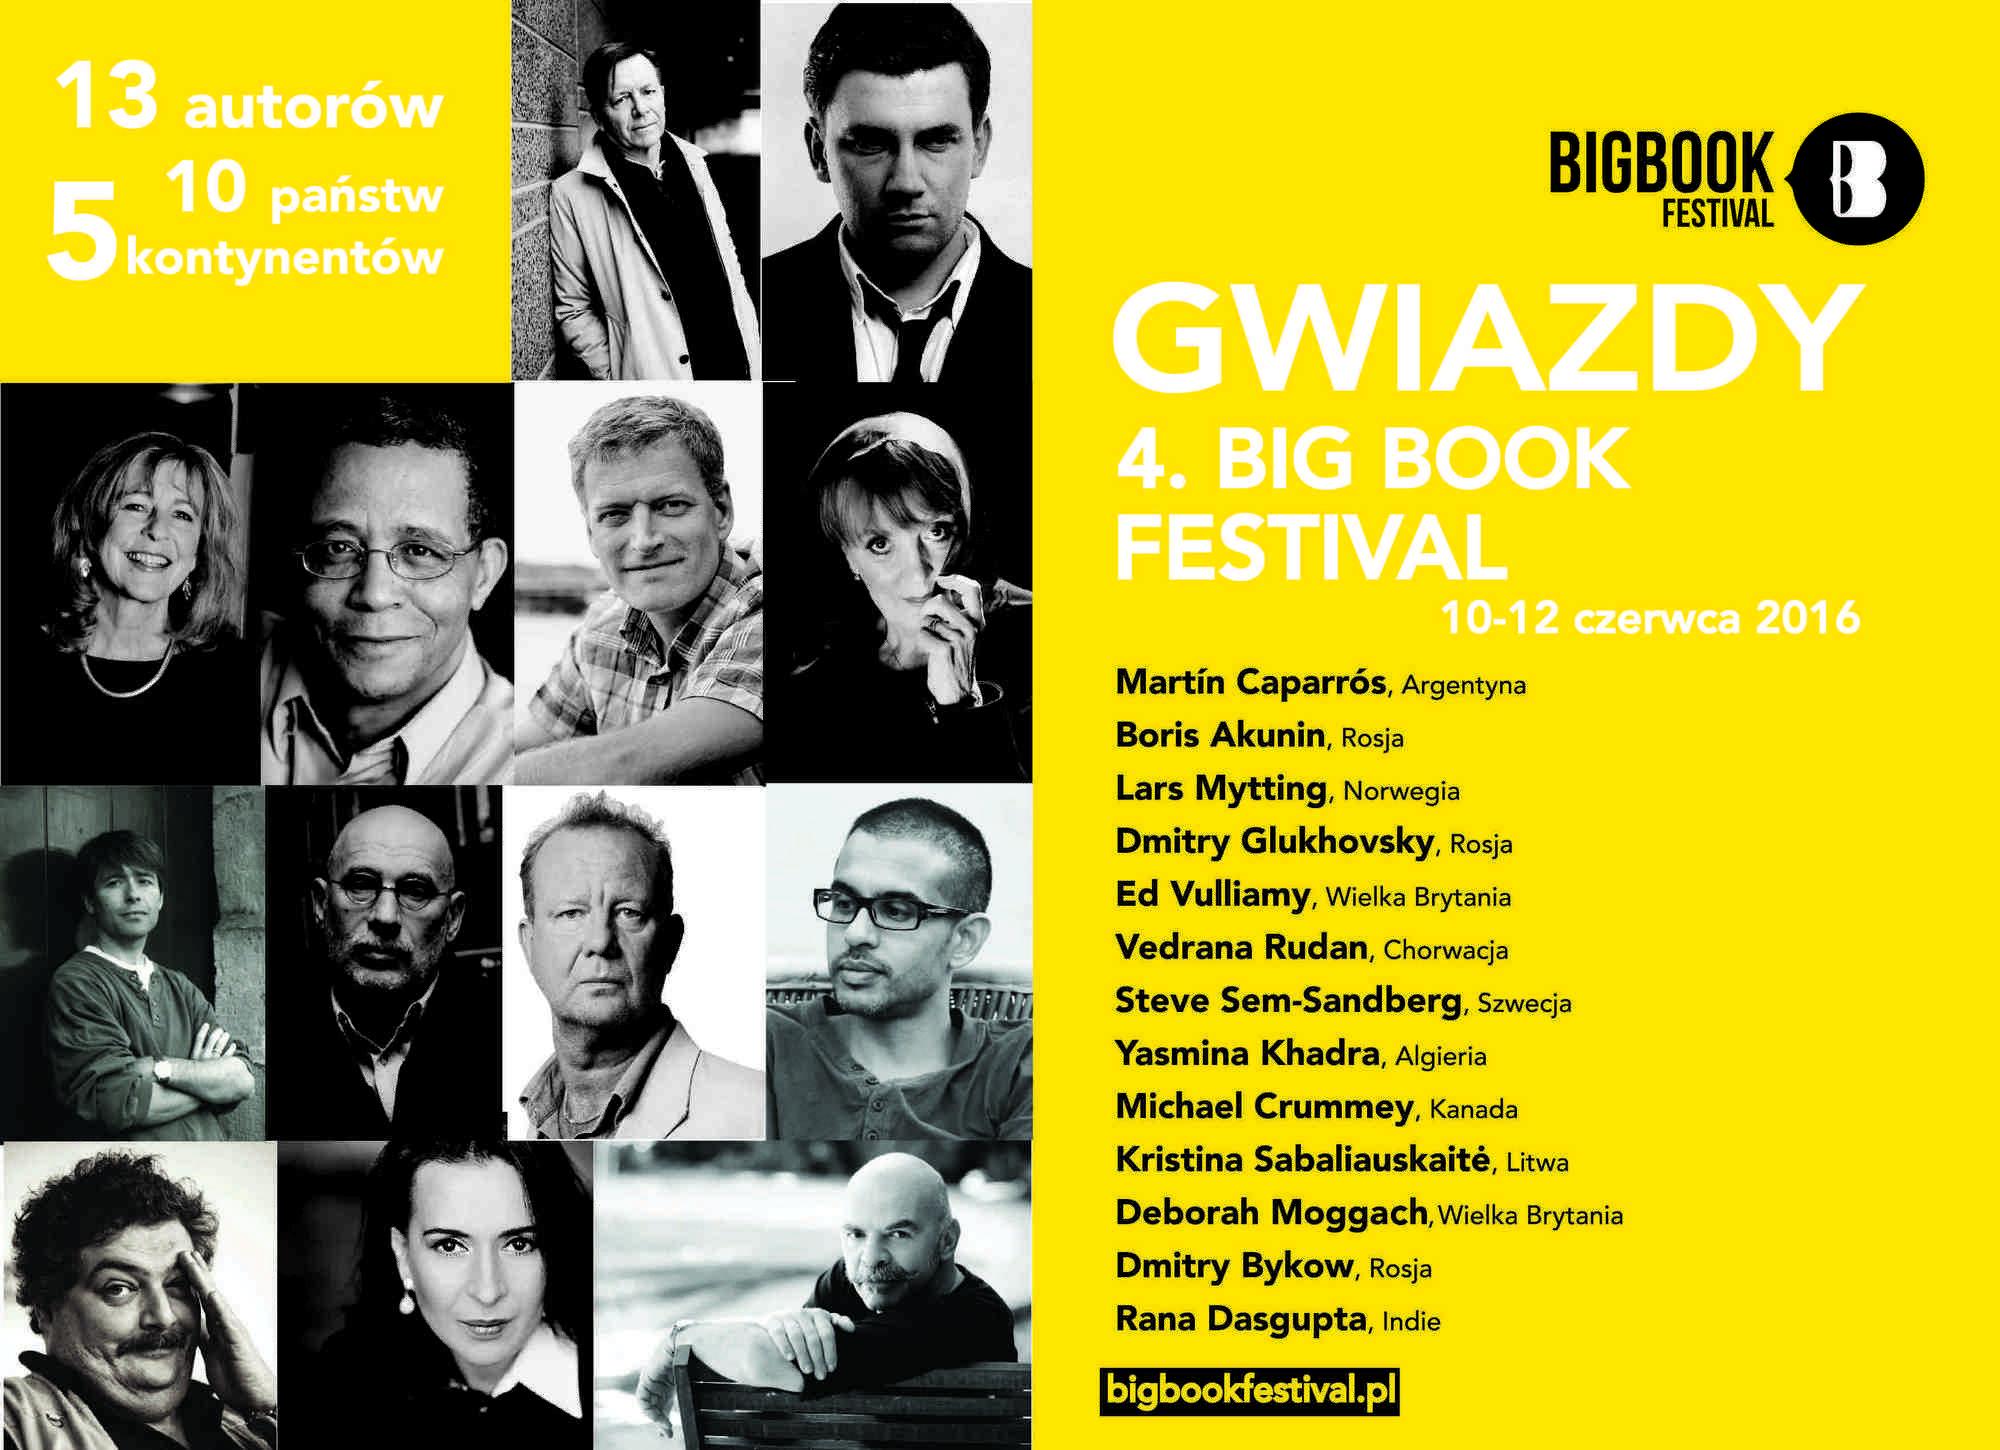 4. Big Book Festival – zagraniczni autorzy (źródło: materiały prasowe)